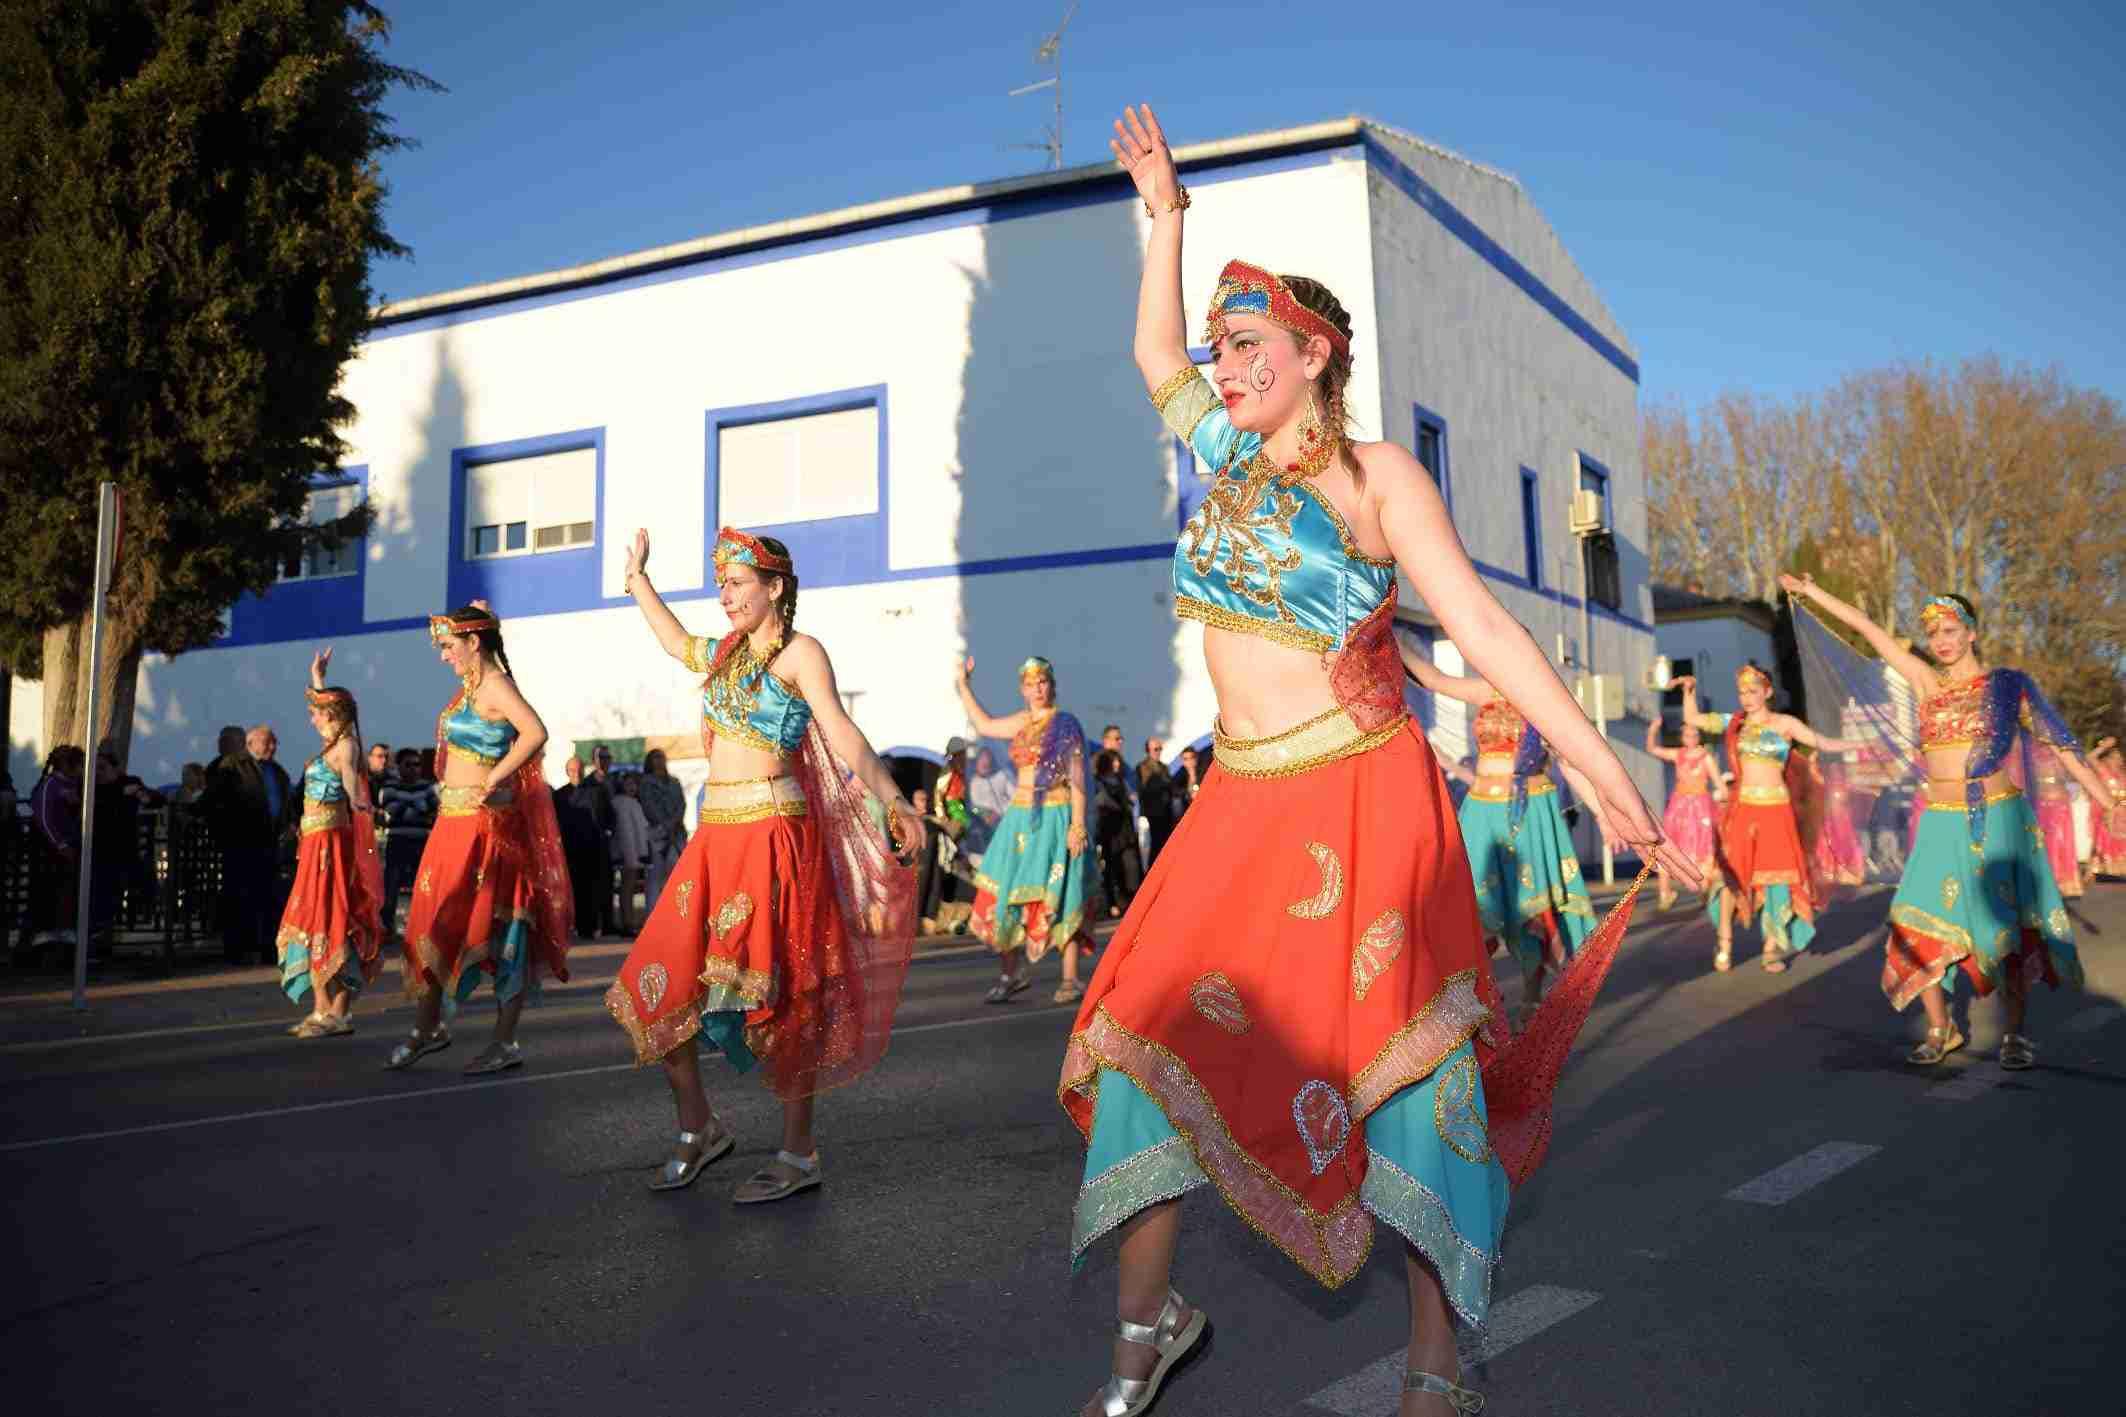 Ritmo, color y mucha originalidad en el Desfile de Comparsas 2020 de Argamasilla de Alba 41